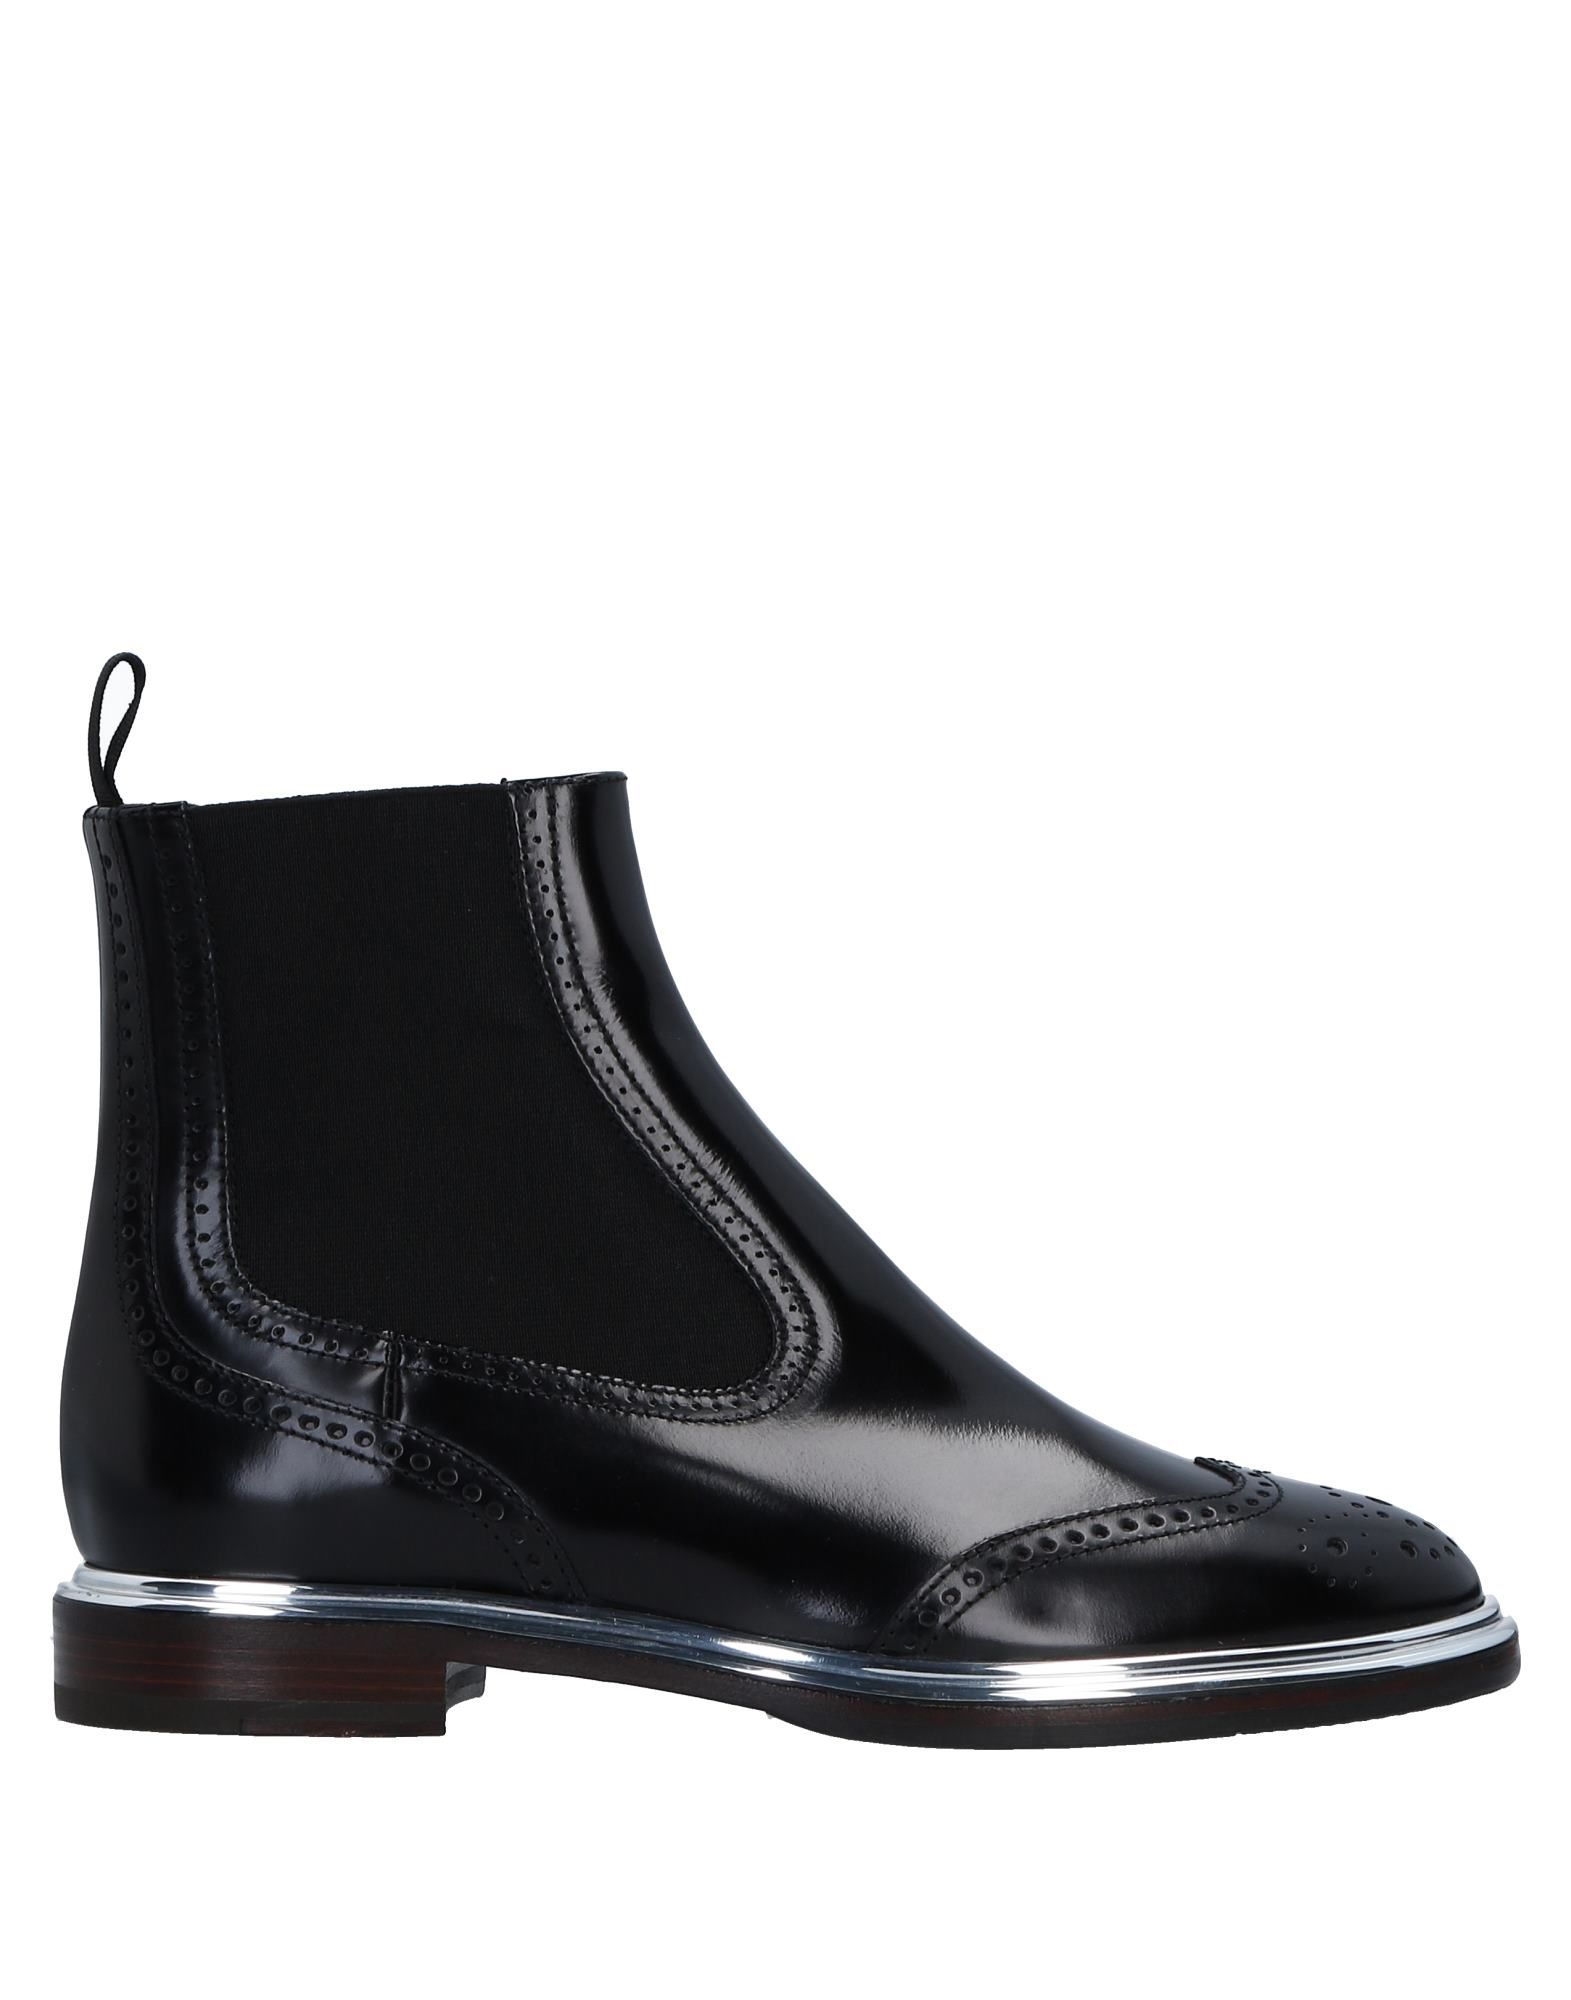 Chelsea Boots Agl Attilio Giusti Leombruni Donna - 11539993SP